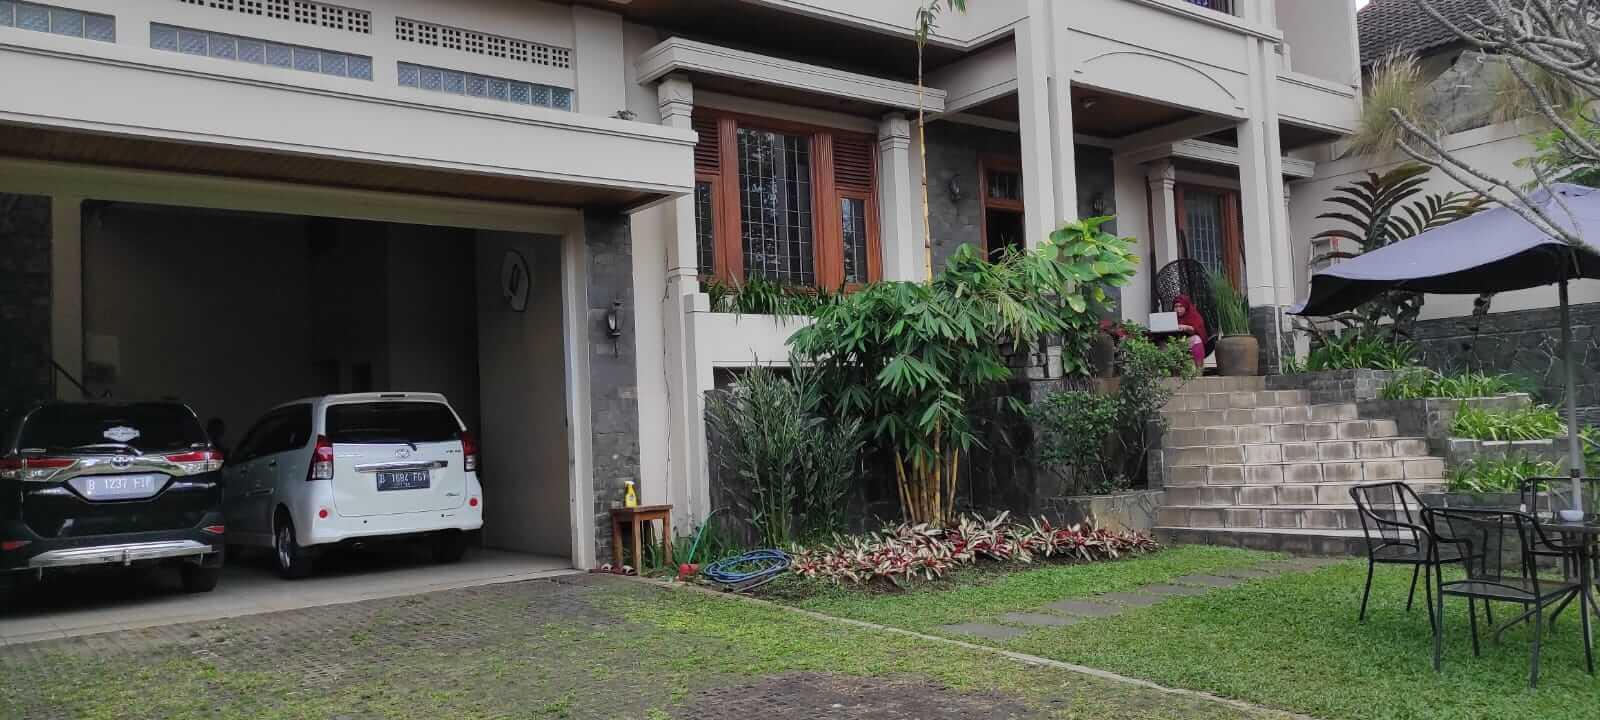 Garasi villa andaru bandung